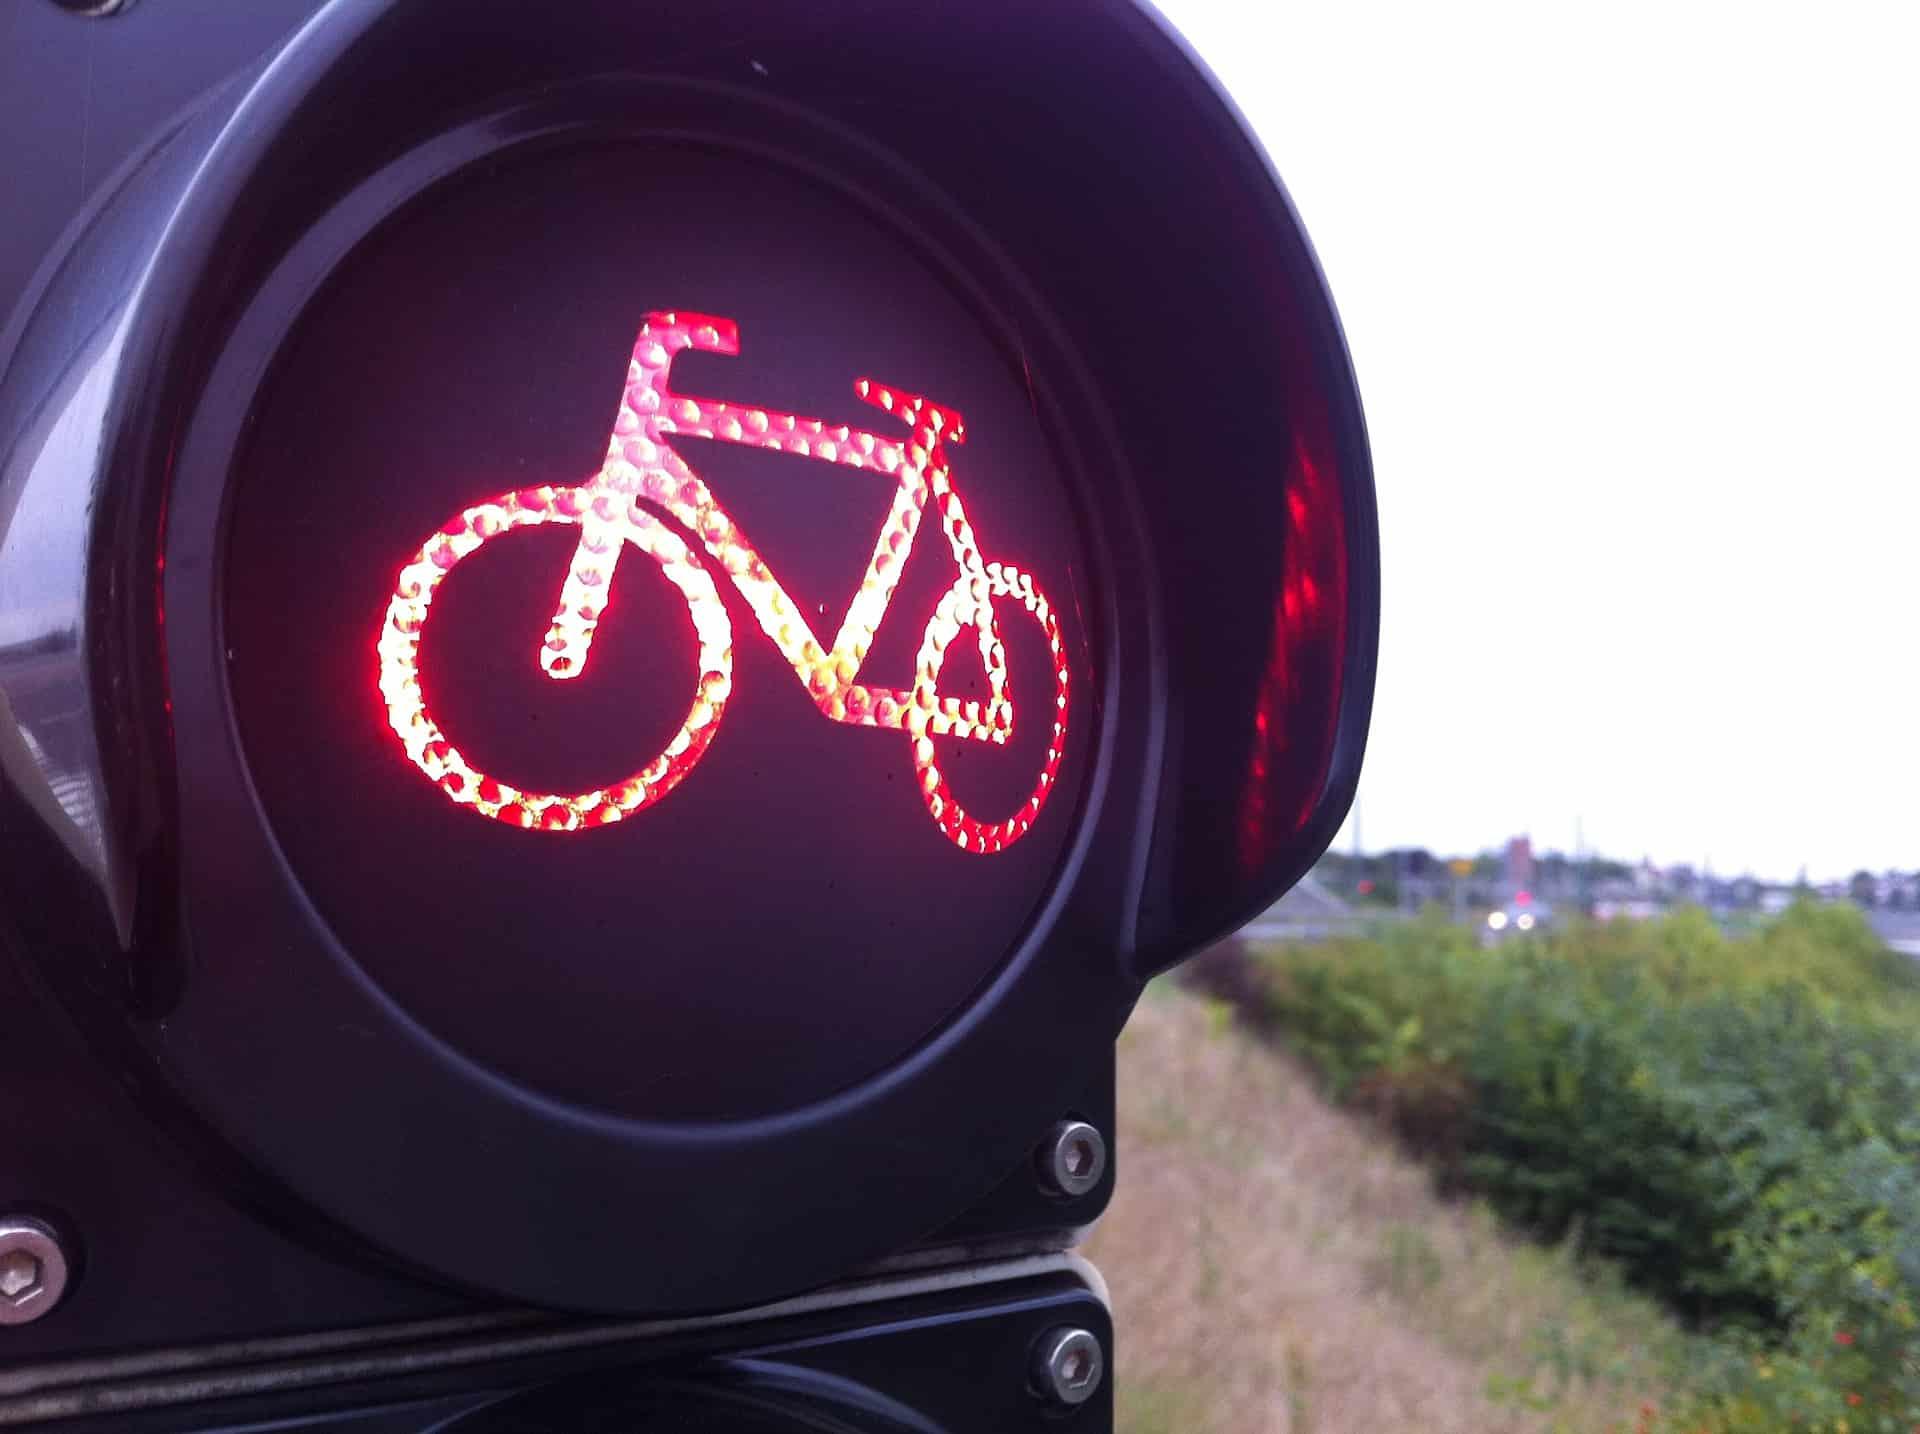 Imagem mostra semáforo em close mostrando bicicleta em luz vermelha.